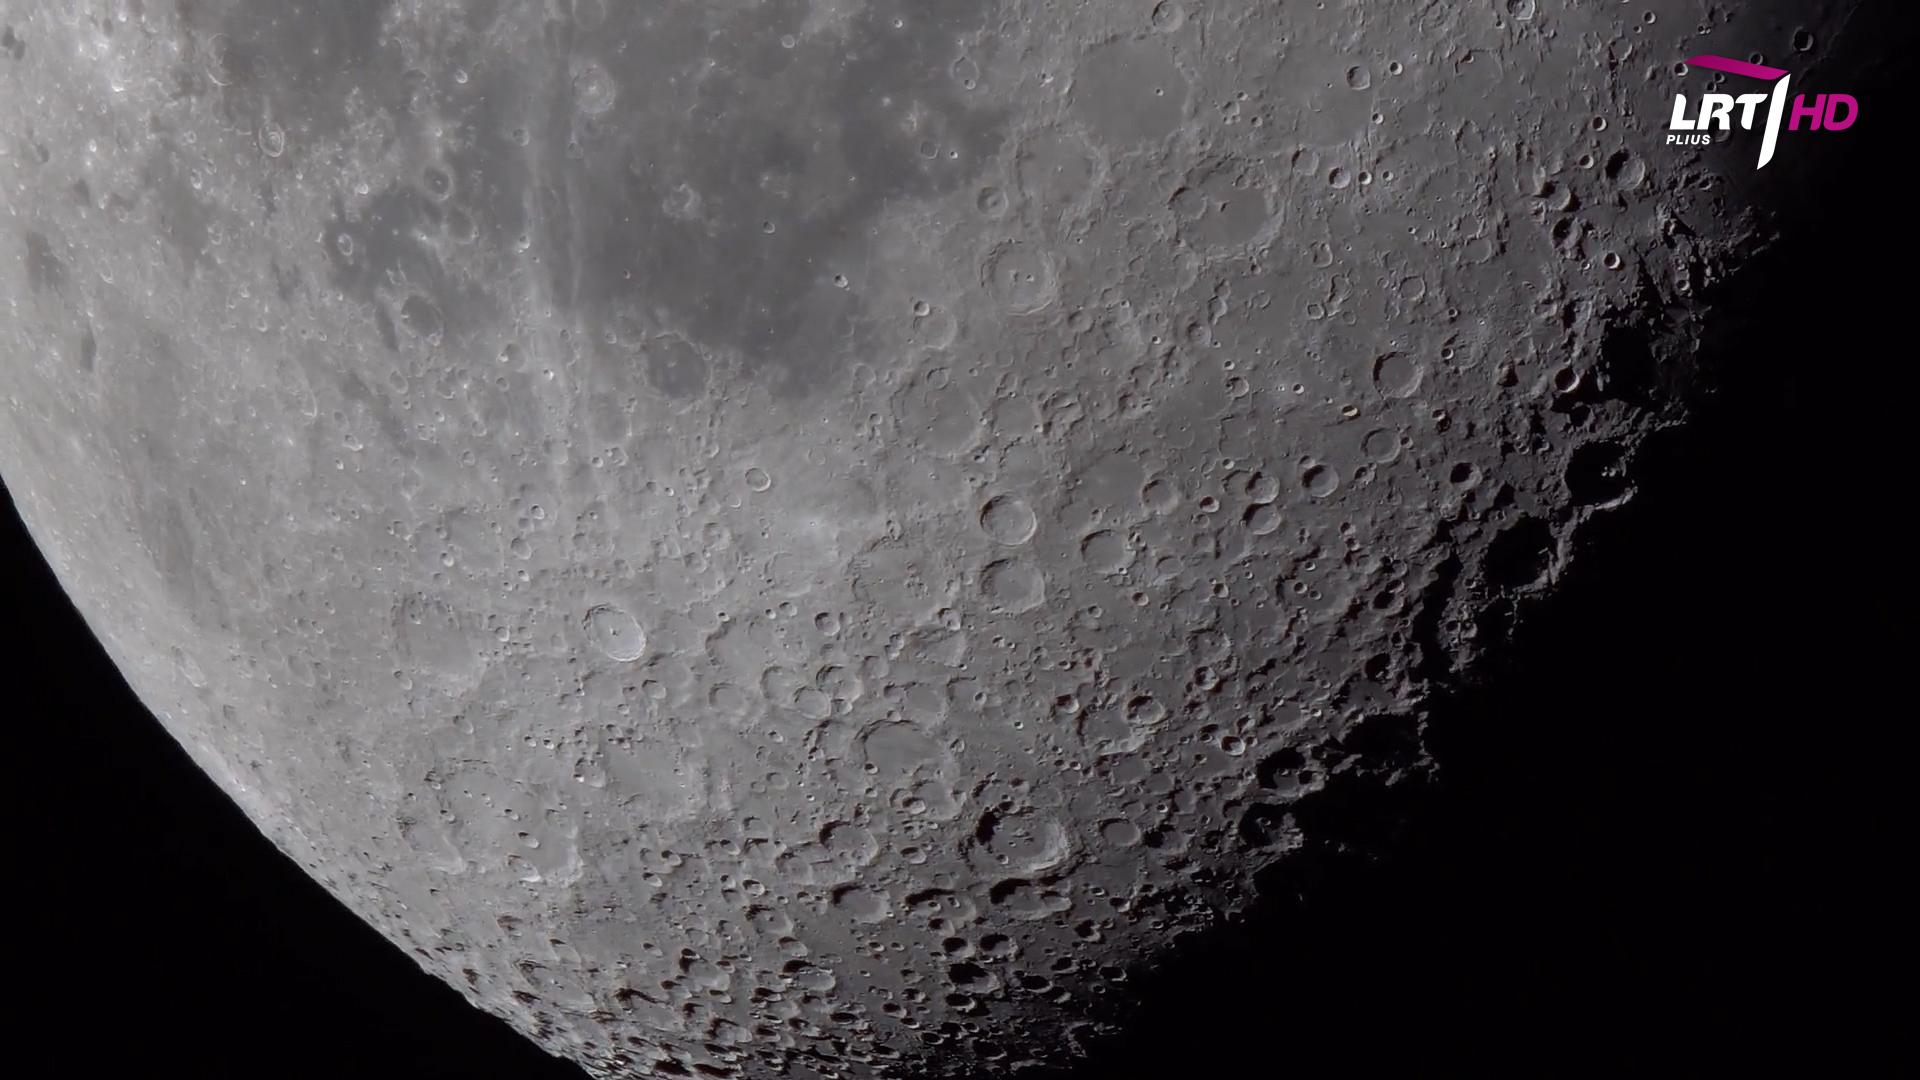 """""""Mokslo sriuba"""": ką turėjo įveikti astronautai pakeliui į Mėnulį?   LRT nuotr."""